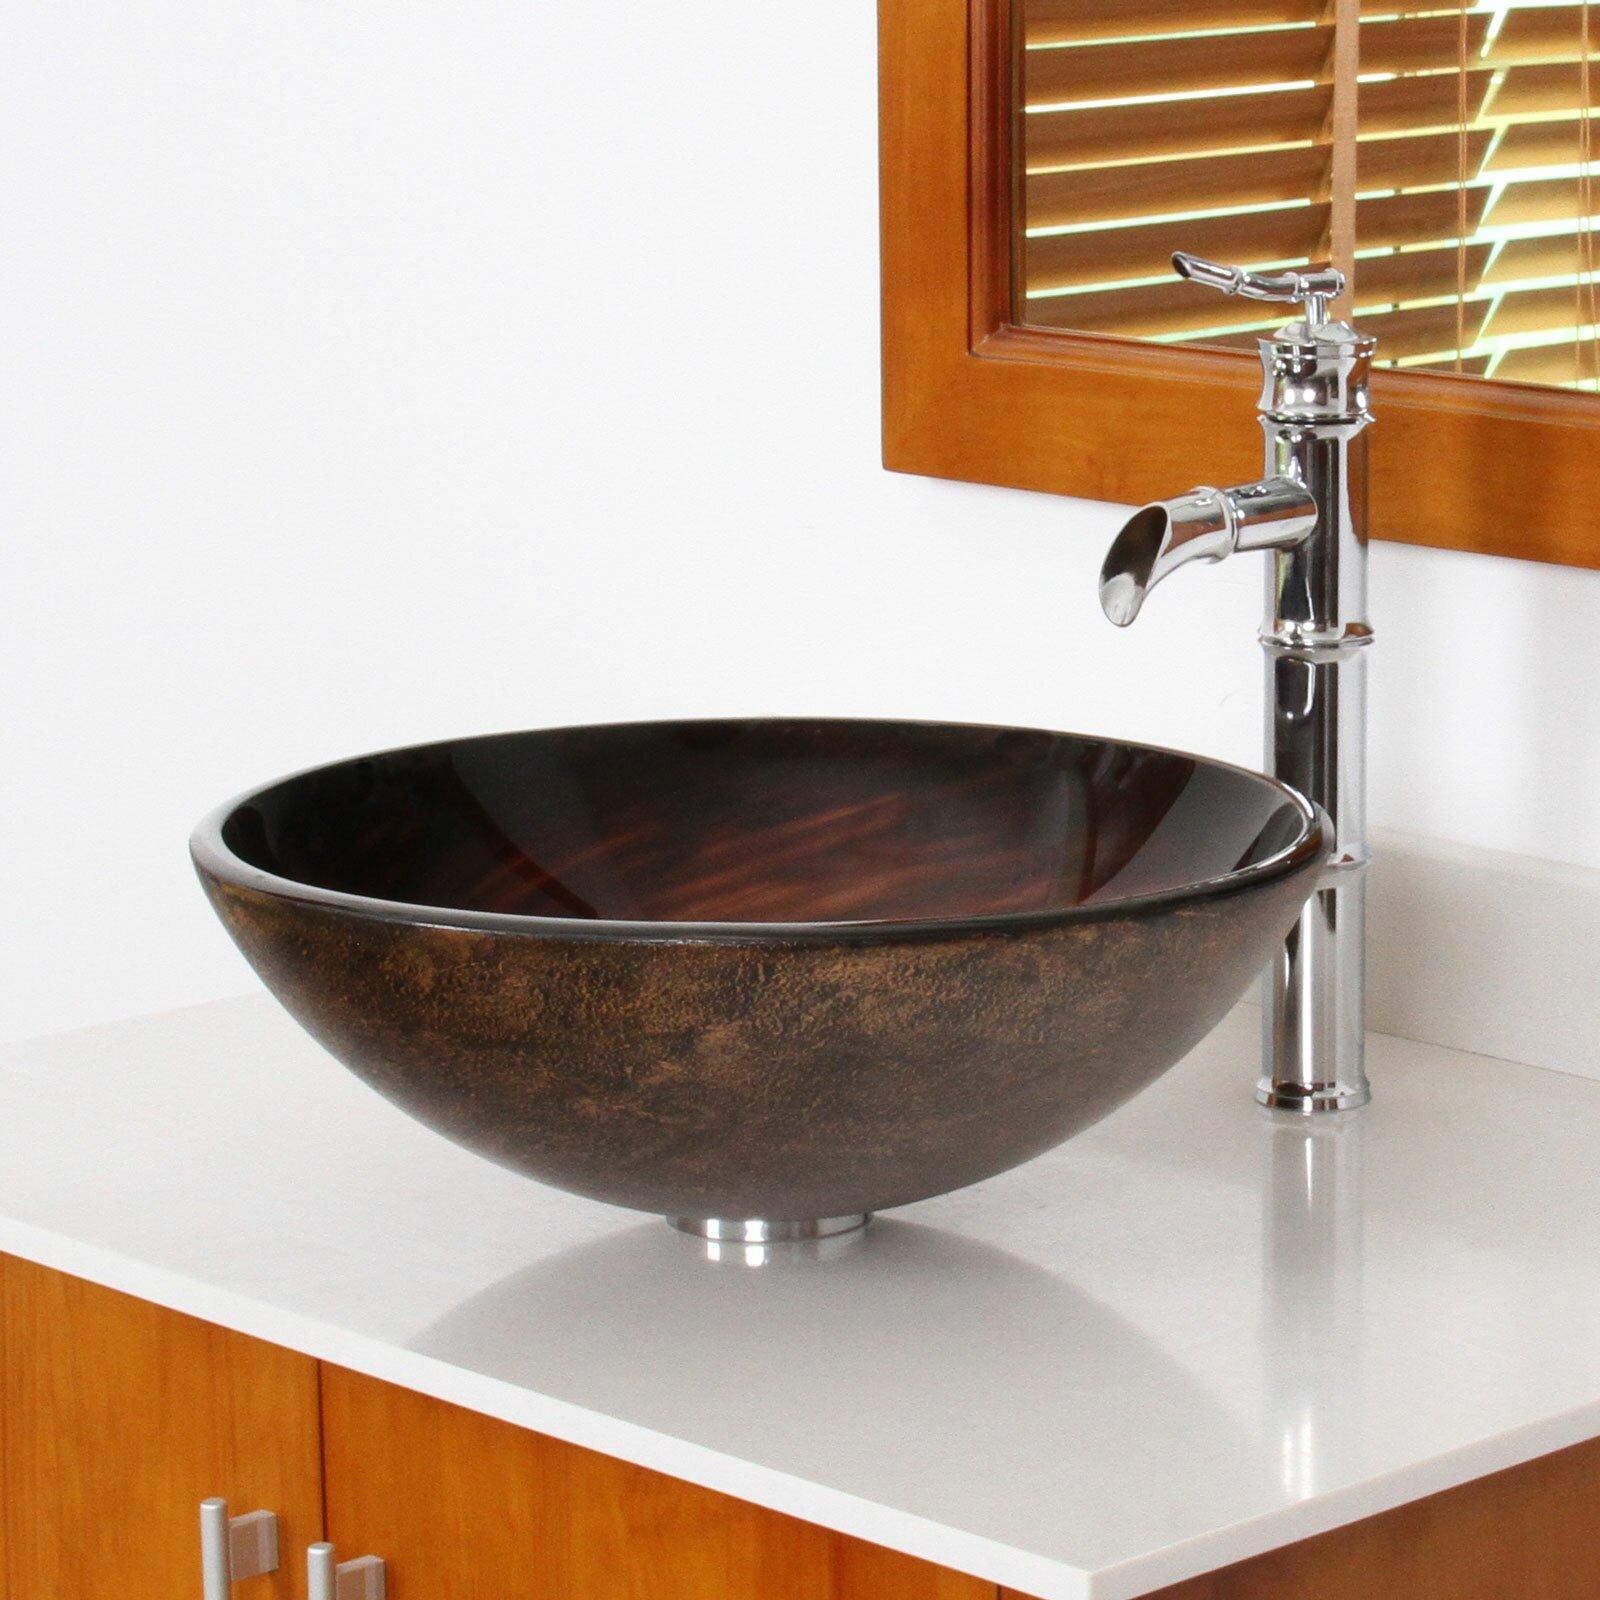 Elite Whirlpool Hand Painted Bowl Vessel Bathroom Sink Reviews Wayfair